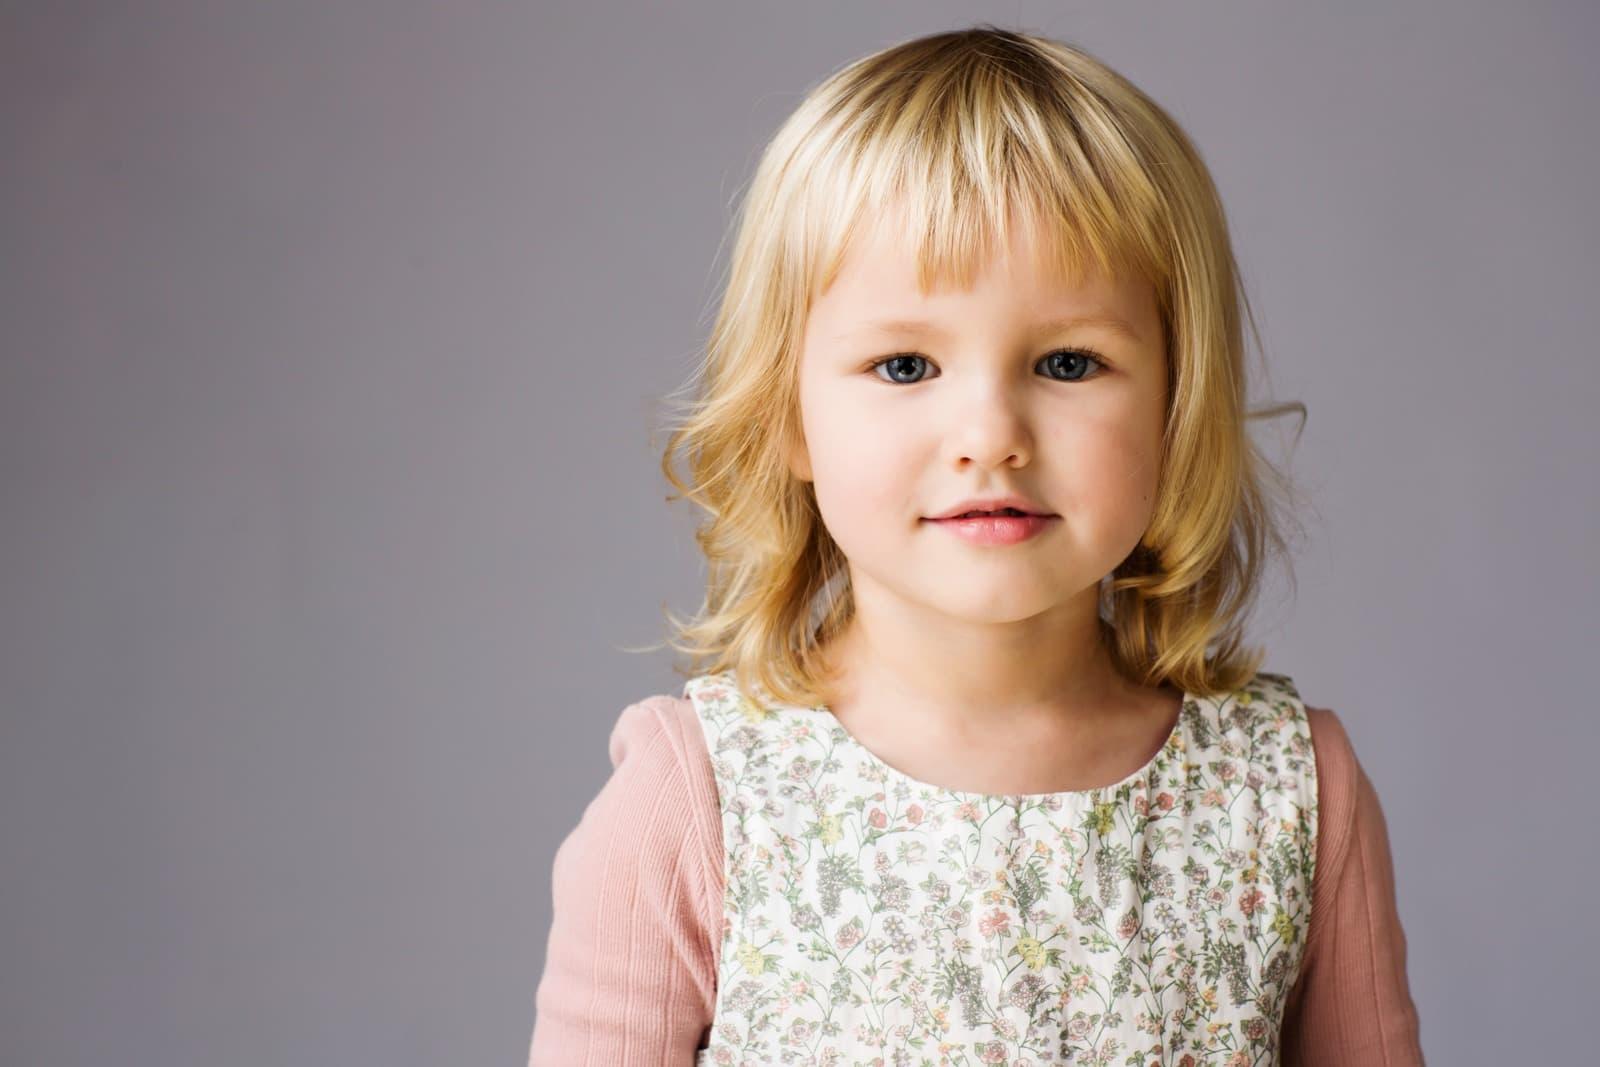 Pige portræt - bedre end skolefoto :)